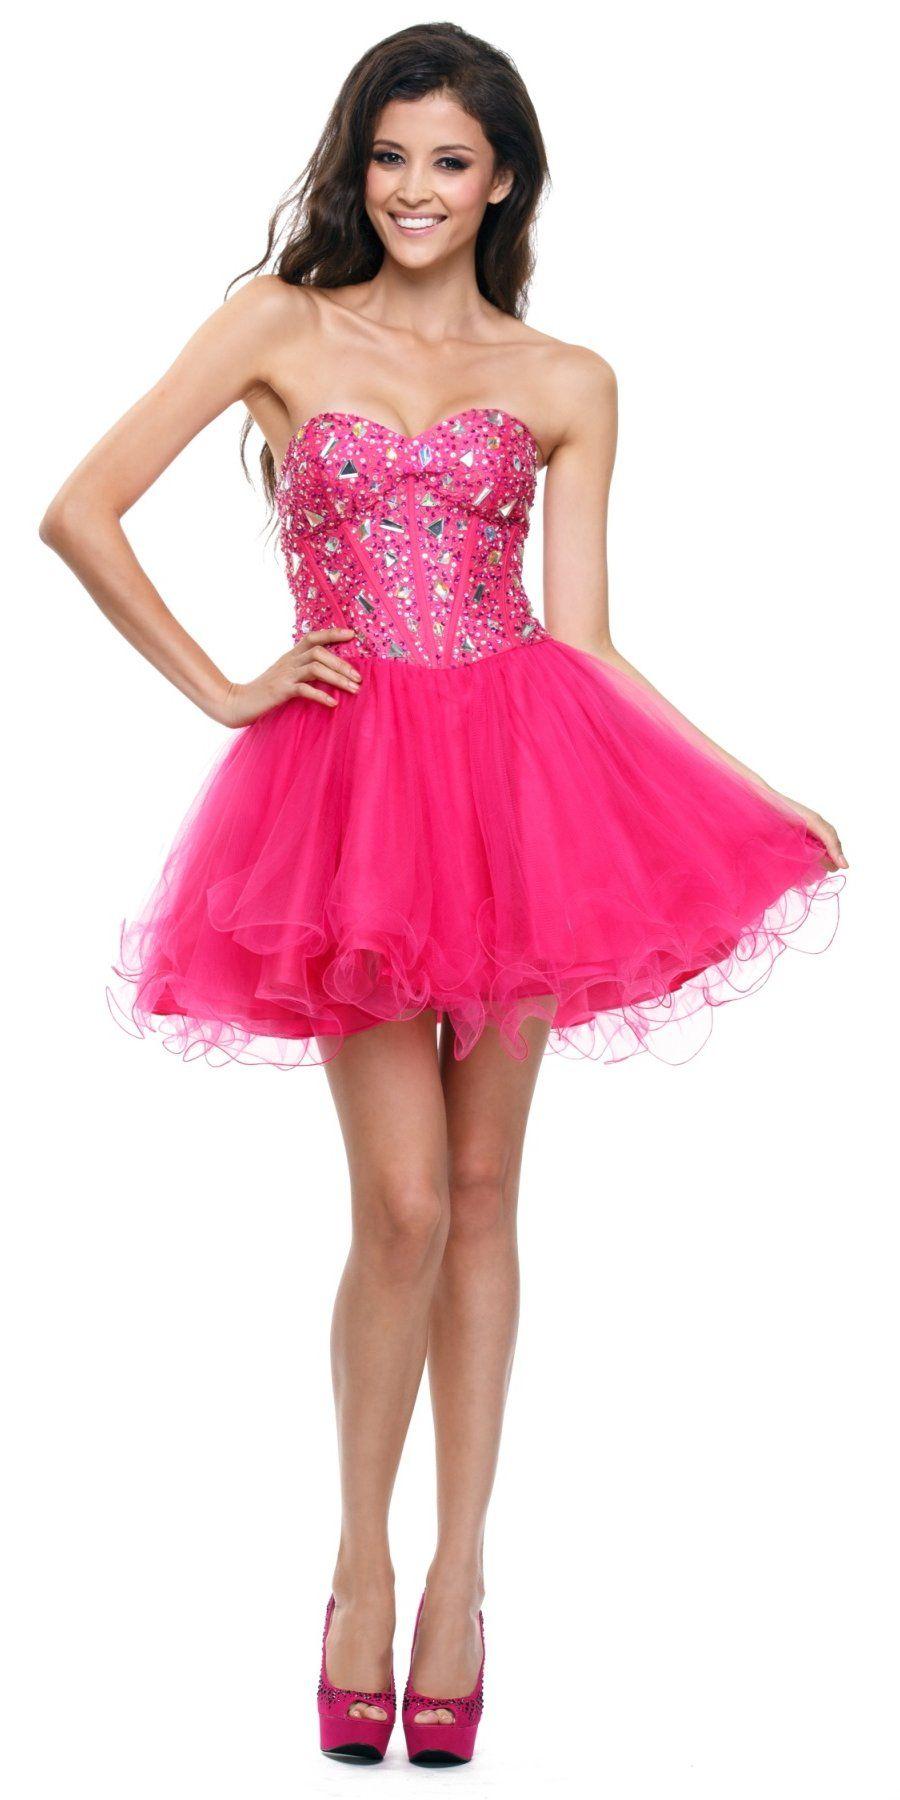 Poofy Short Tulle Skirt Fuchsia Dress Strapless Boned Bustier Taffeta